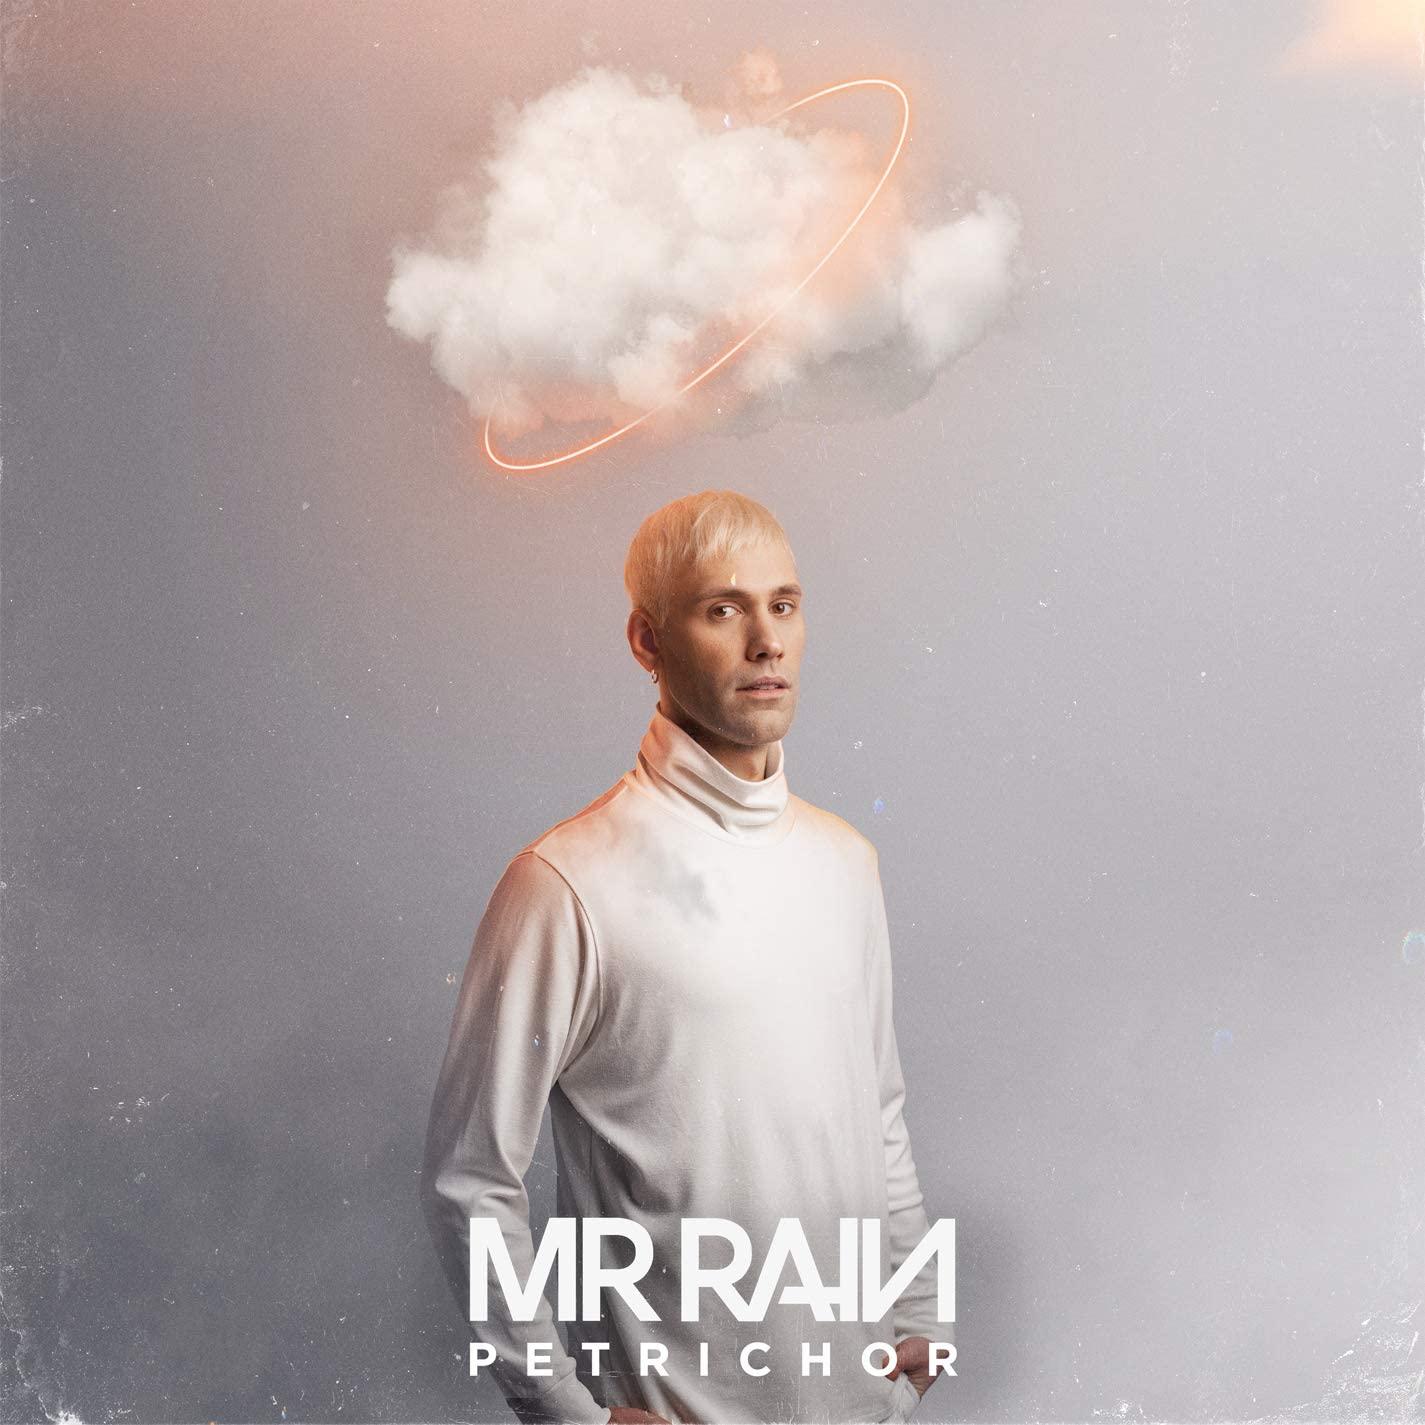 MR.RAIN - PETRICHOR (CD)